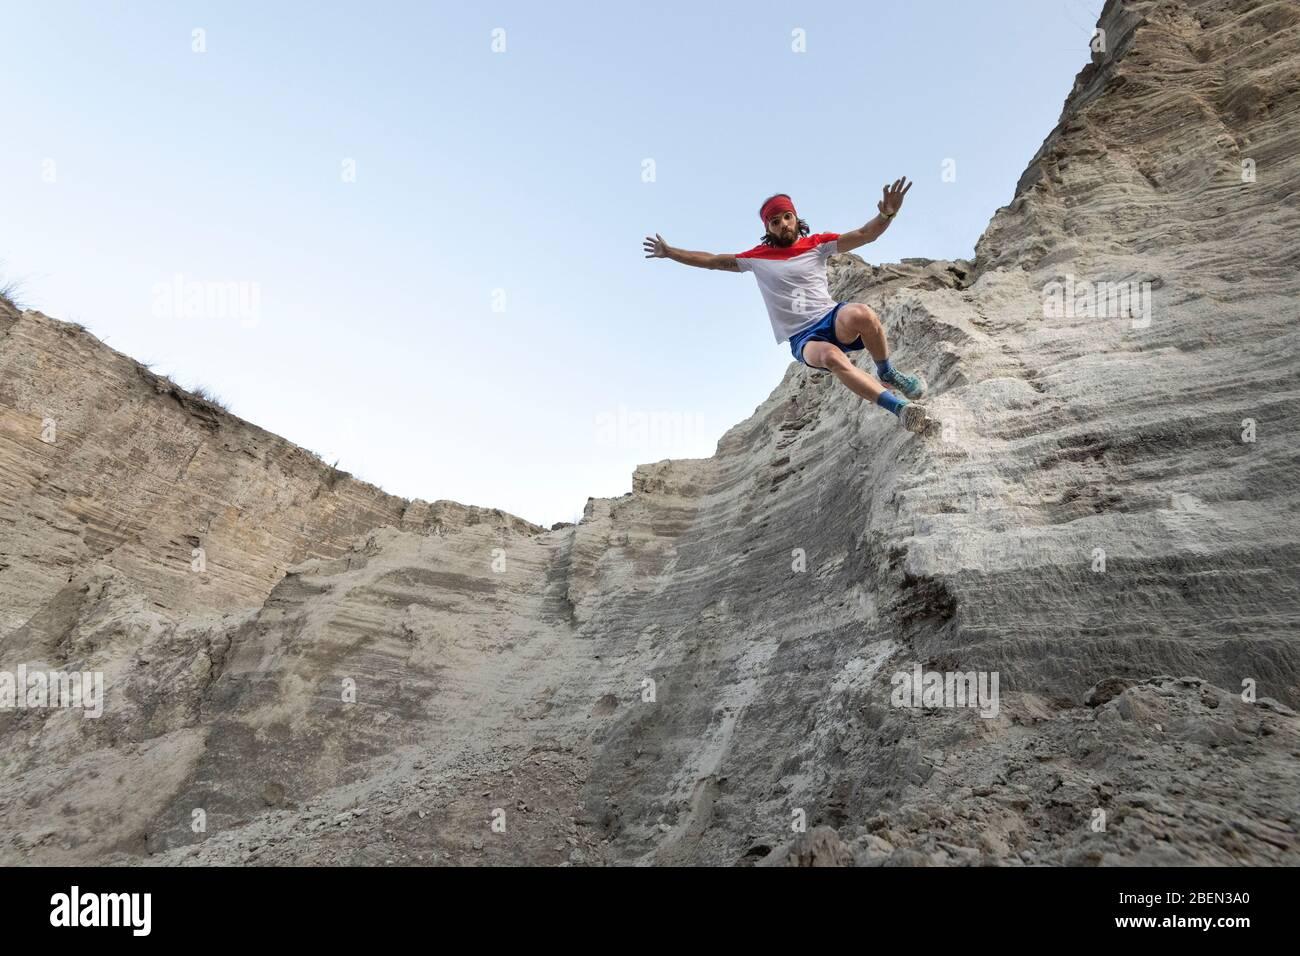 Un homme s'entête sur un mur très raide à un vieux gaspillage de sable minier Banque D'Images